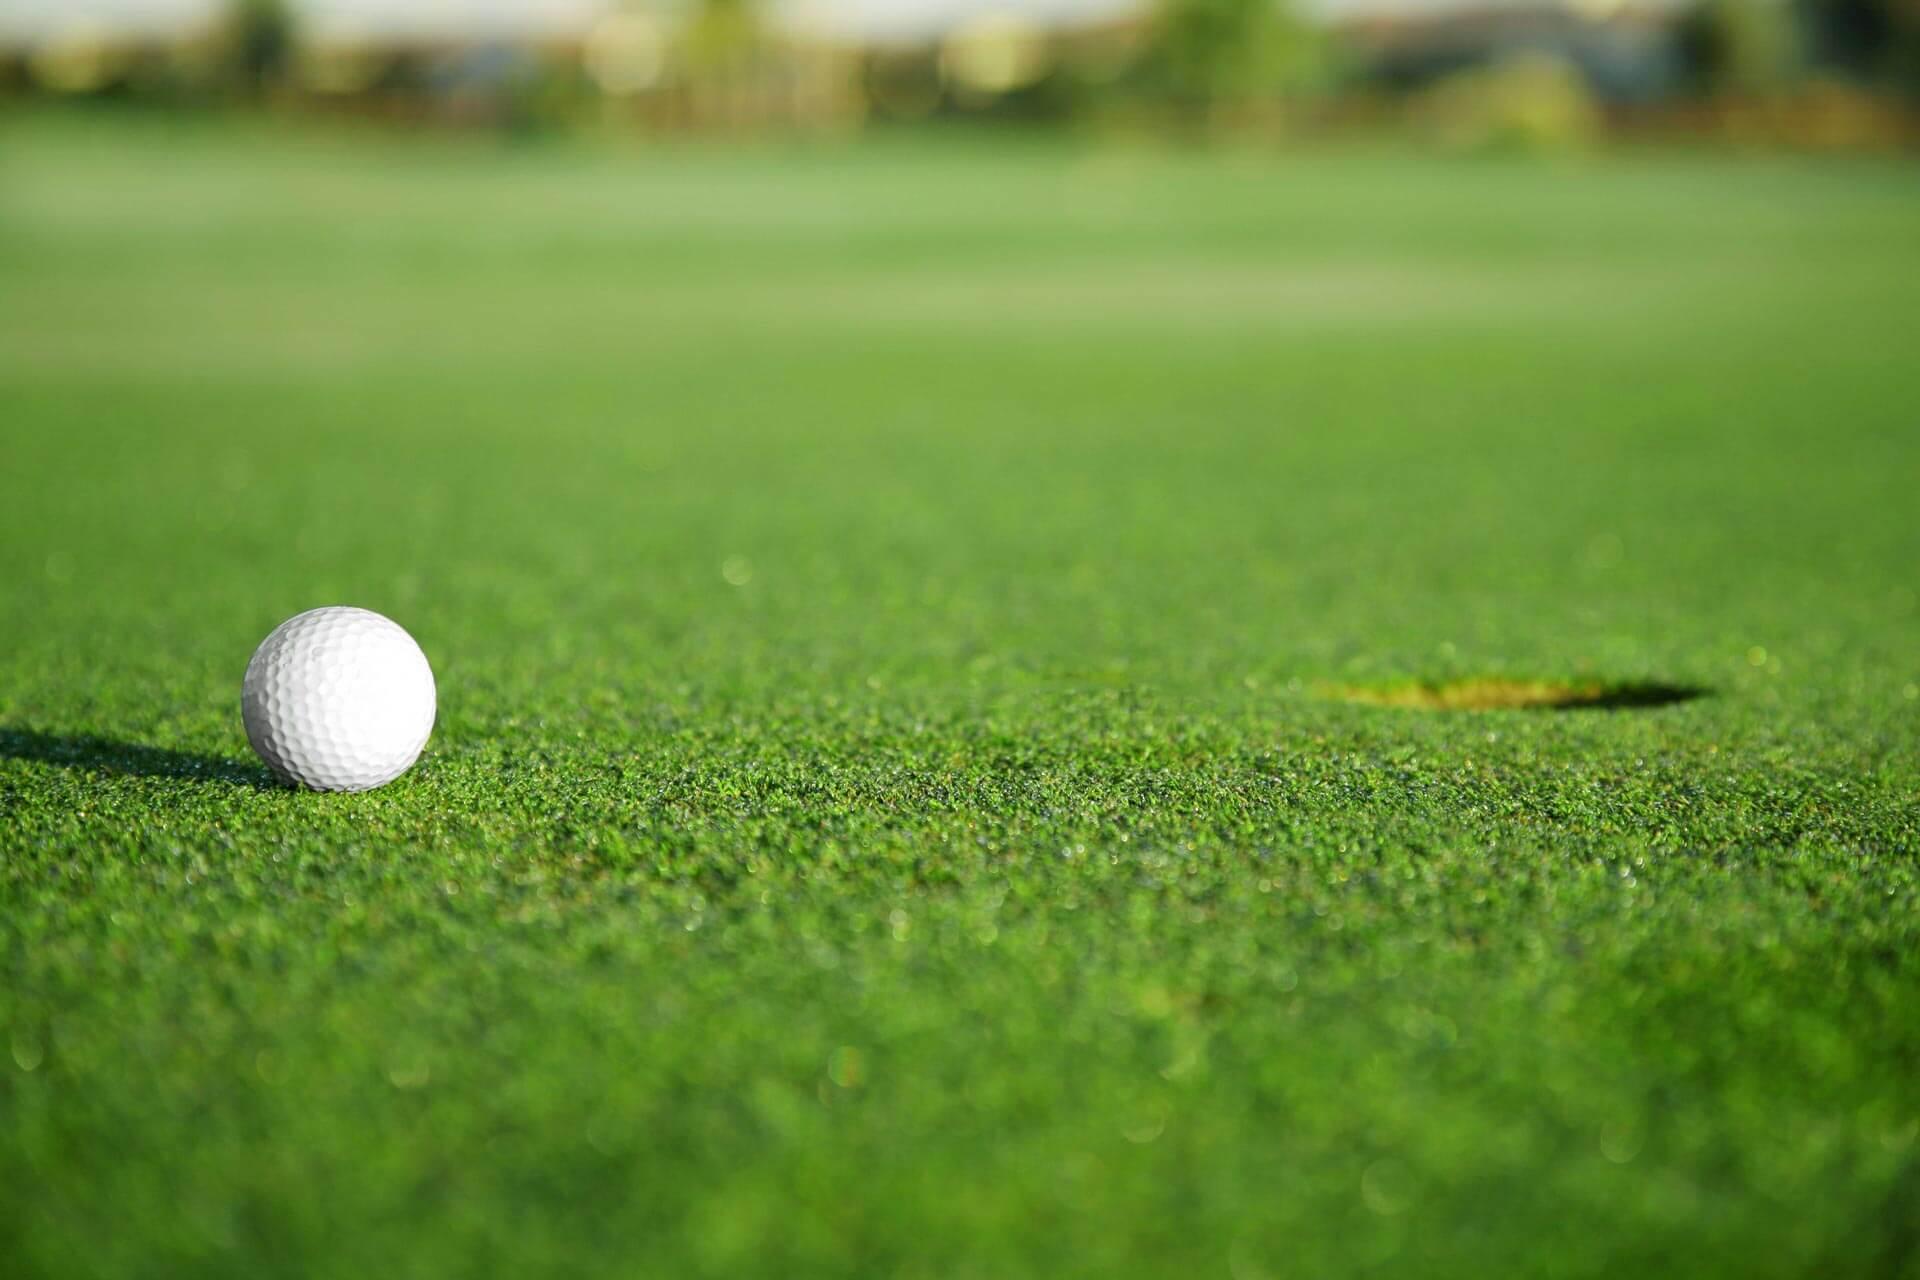 https://golfclub-peckeloh.de/wp-content/uploads/2018/03/shutterstock_9802939_bearbeitet.jpg